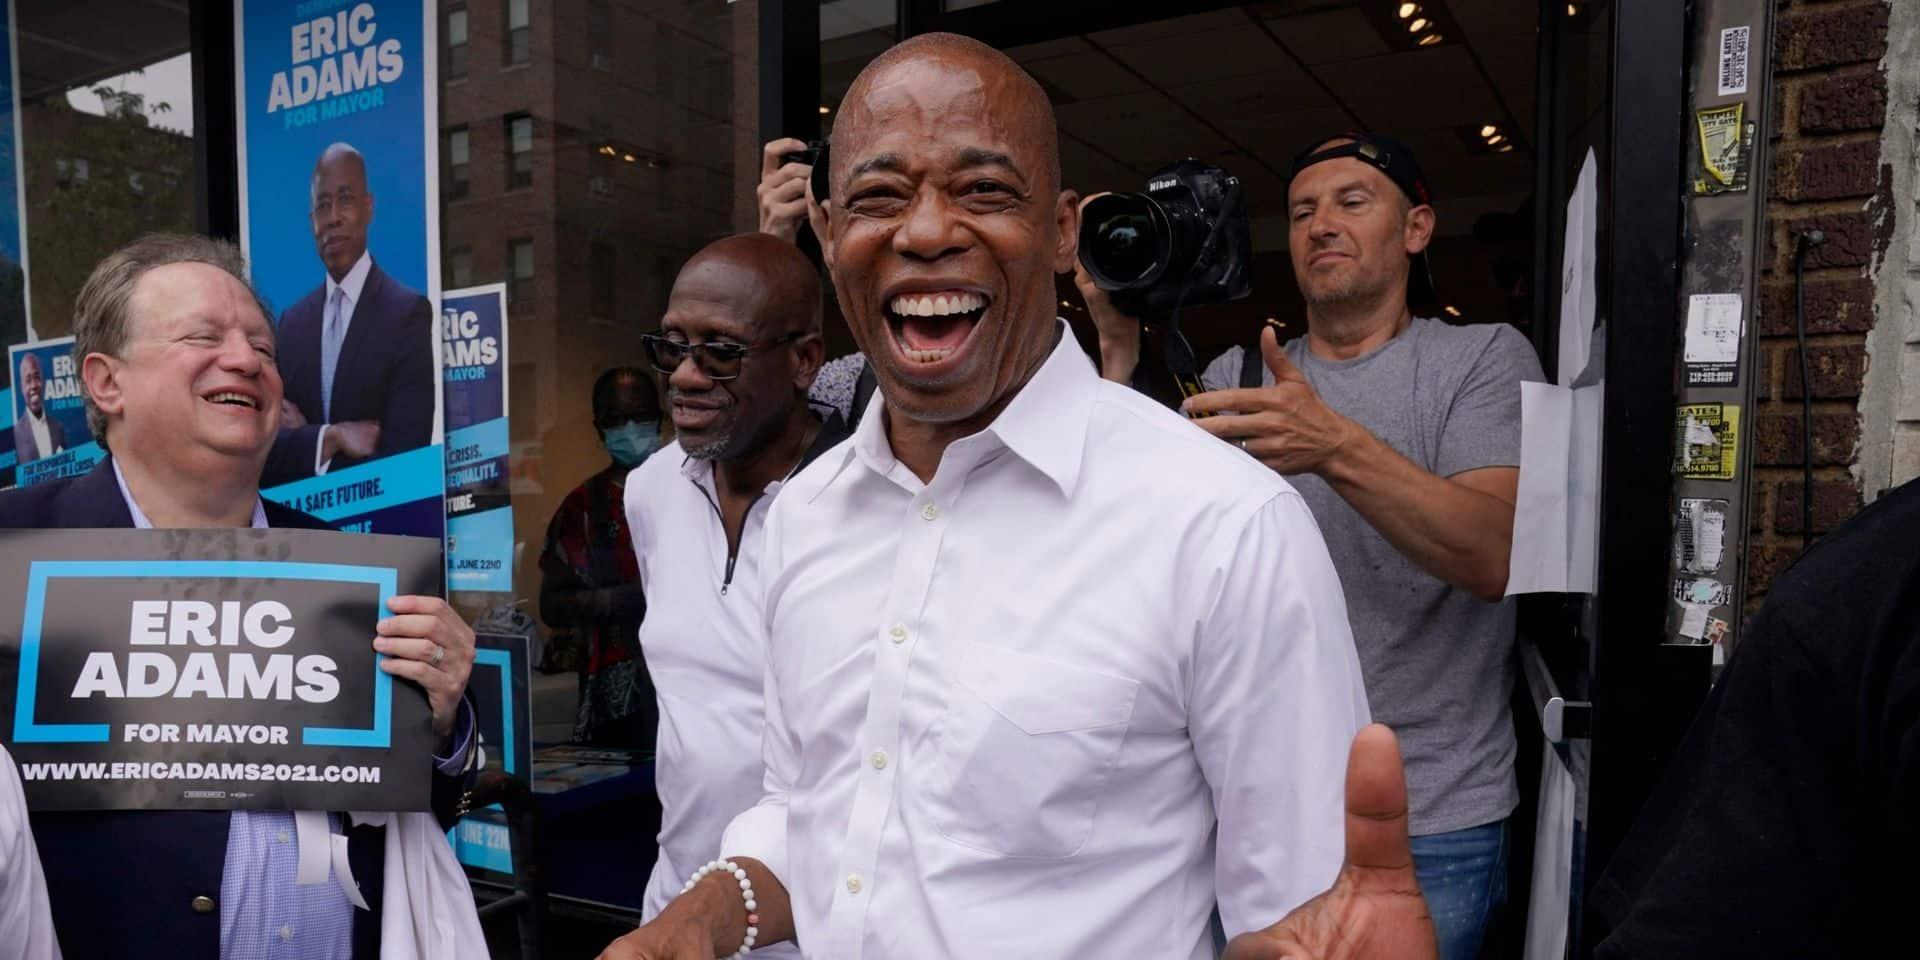 Un ex-policier noir donné gagnant de la primaire démocrate pour la mairie de New York